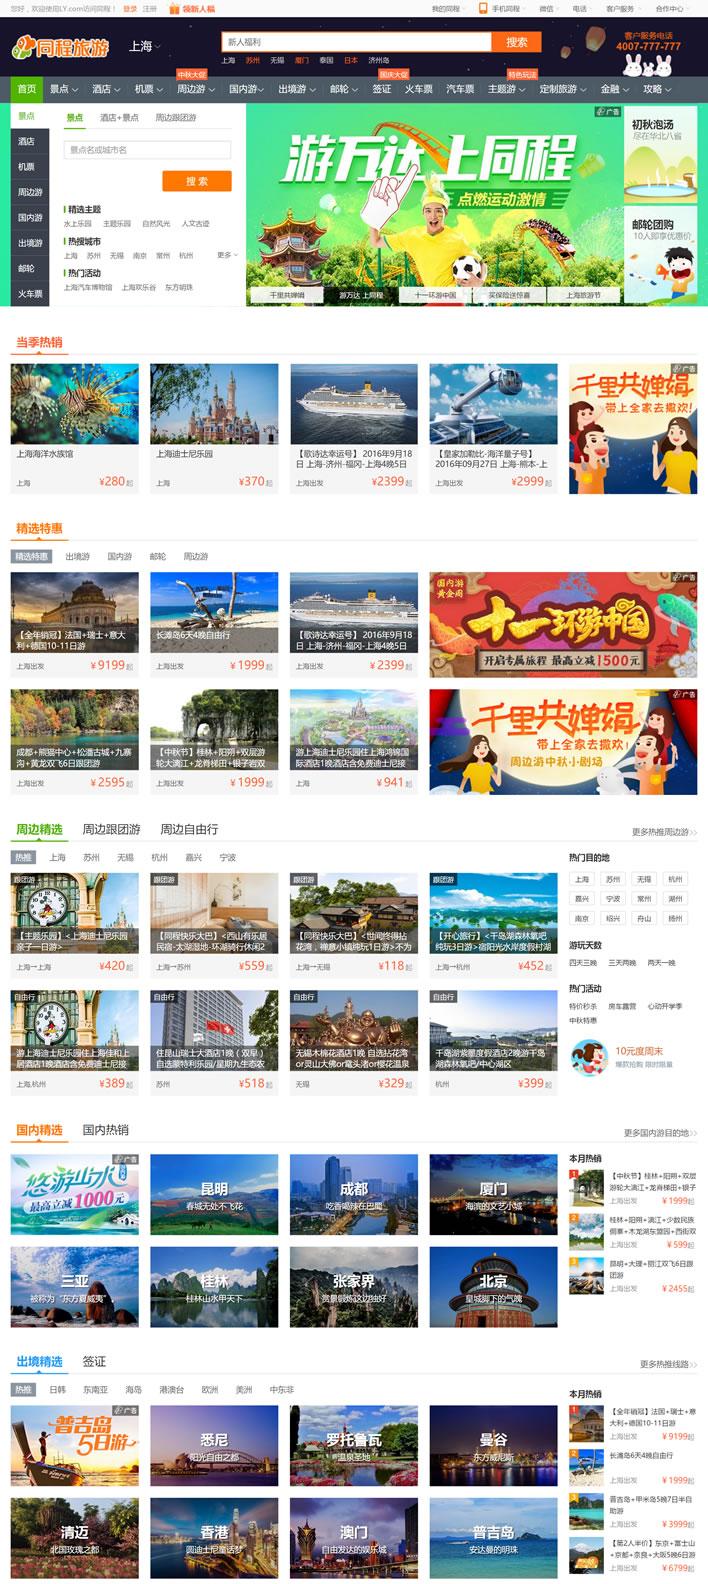 中国旅游网站:同程旅游